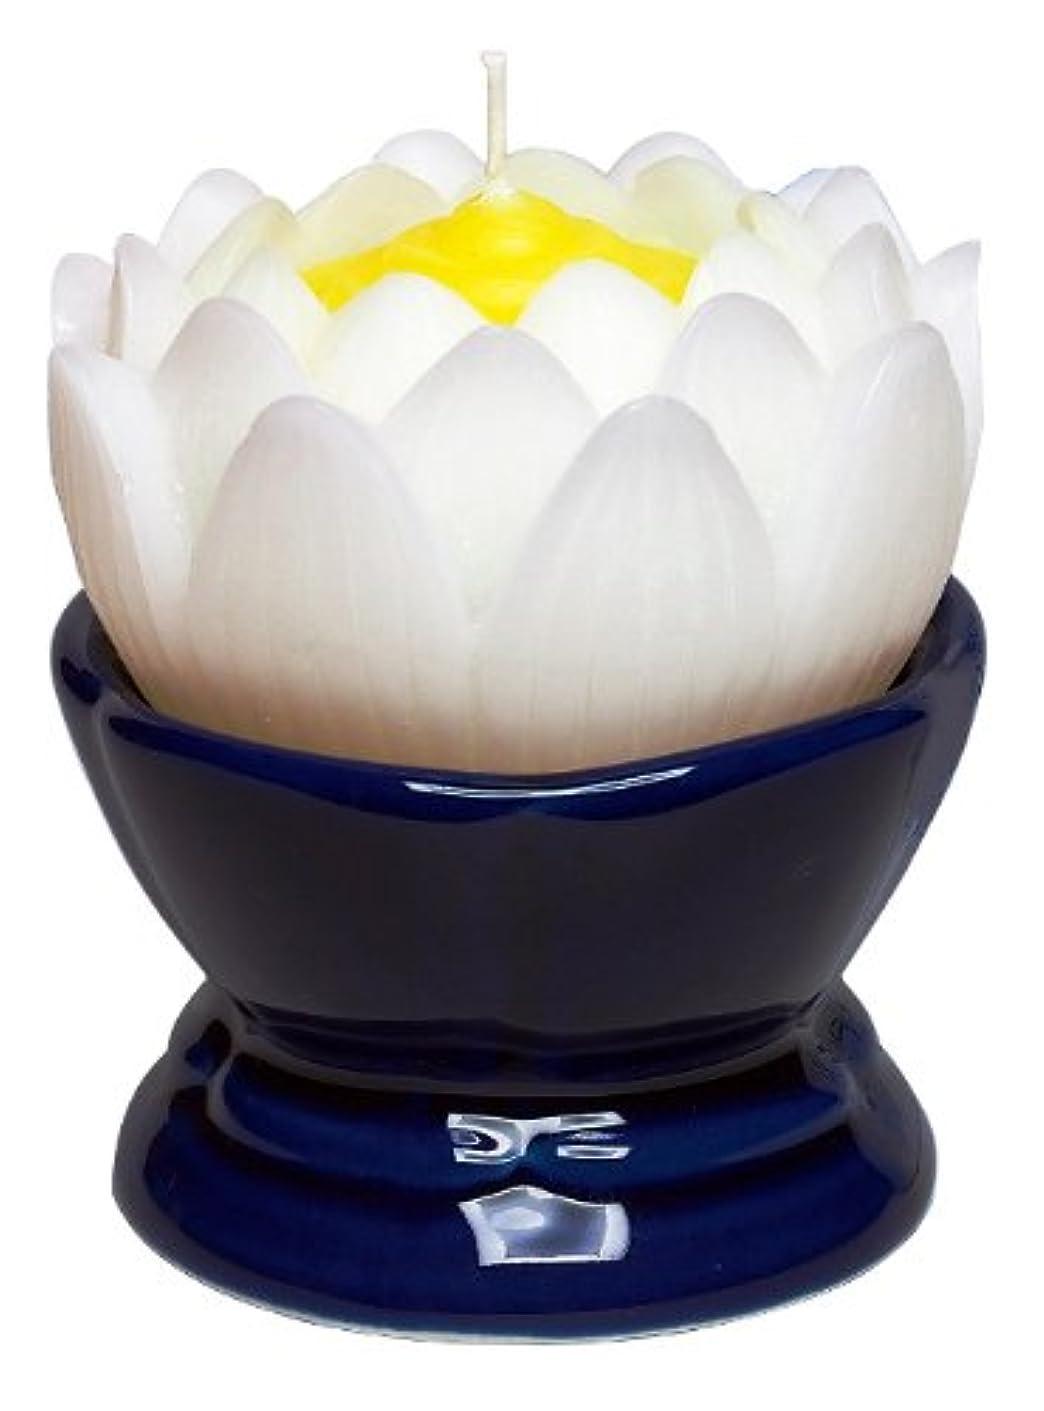 特権的増幅器キャベツマルエス 蓮の花 大 ホワイト 燭台付